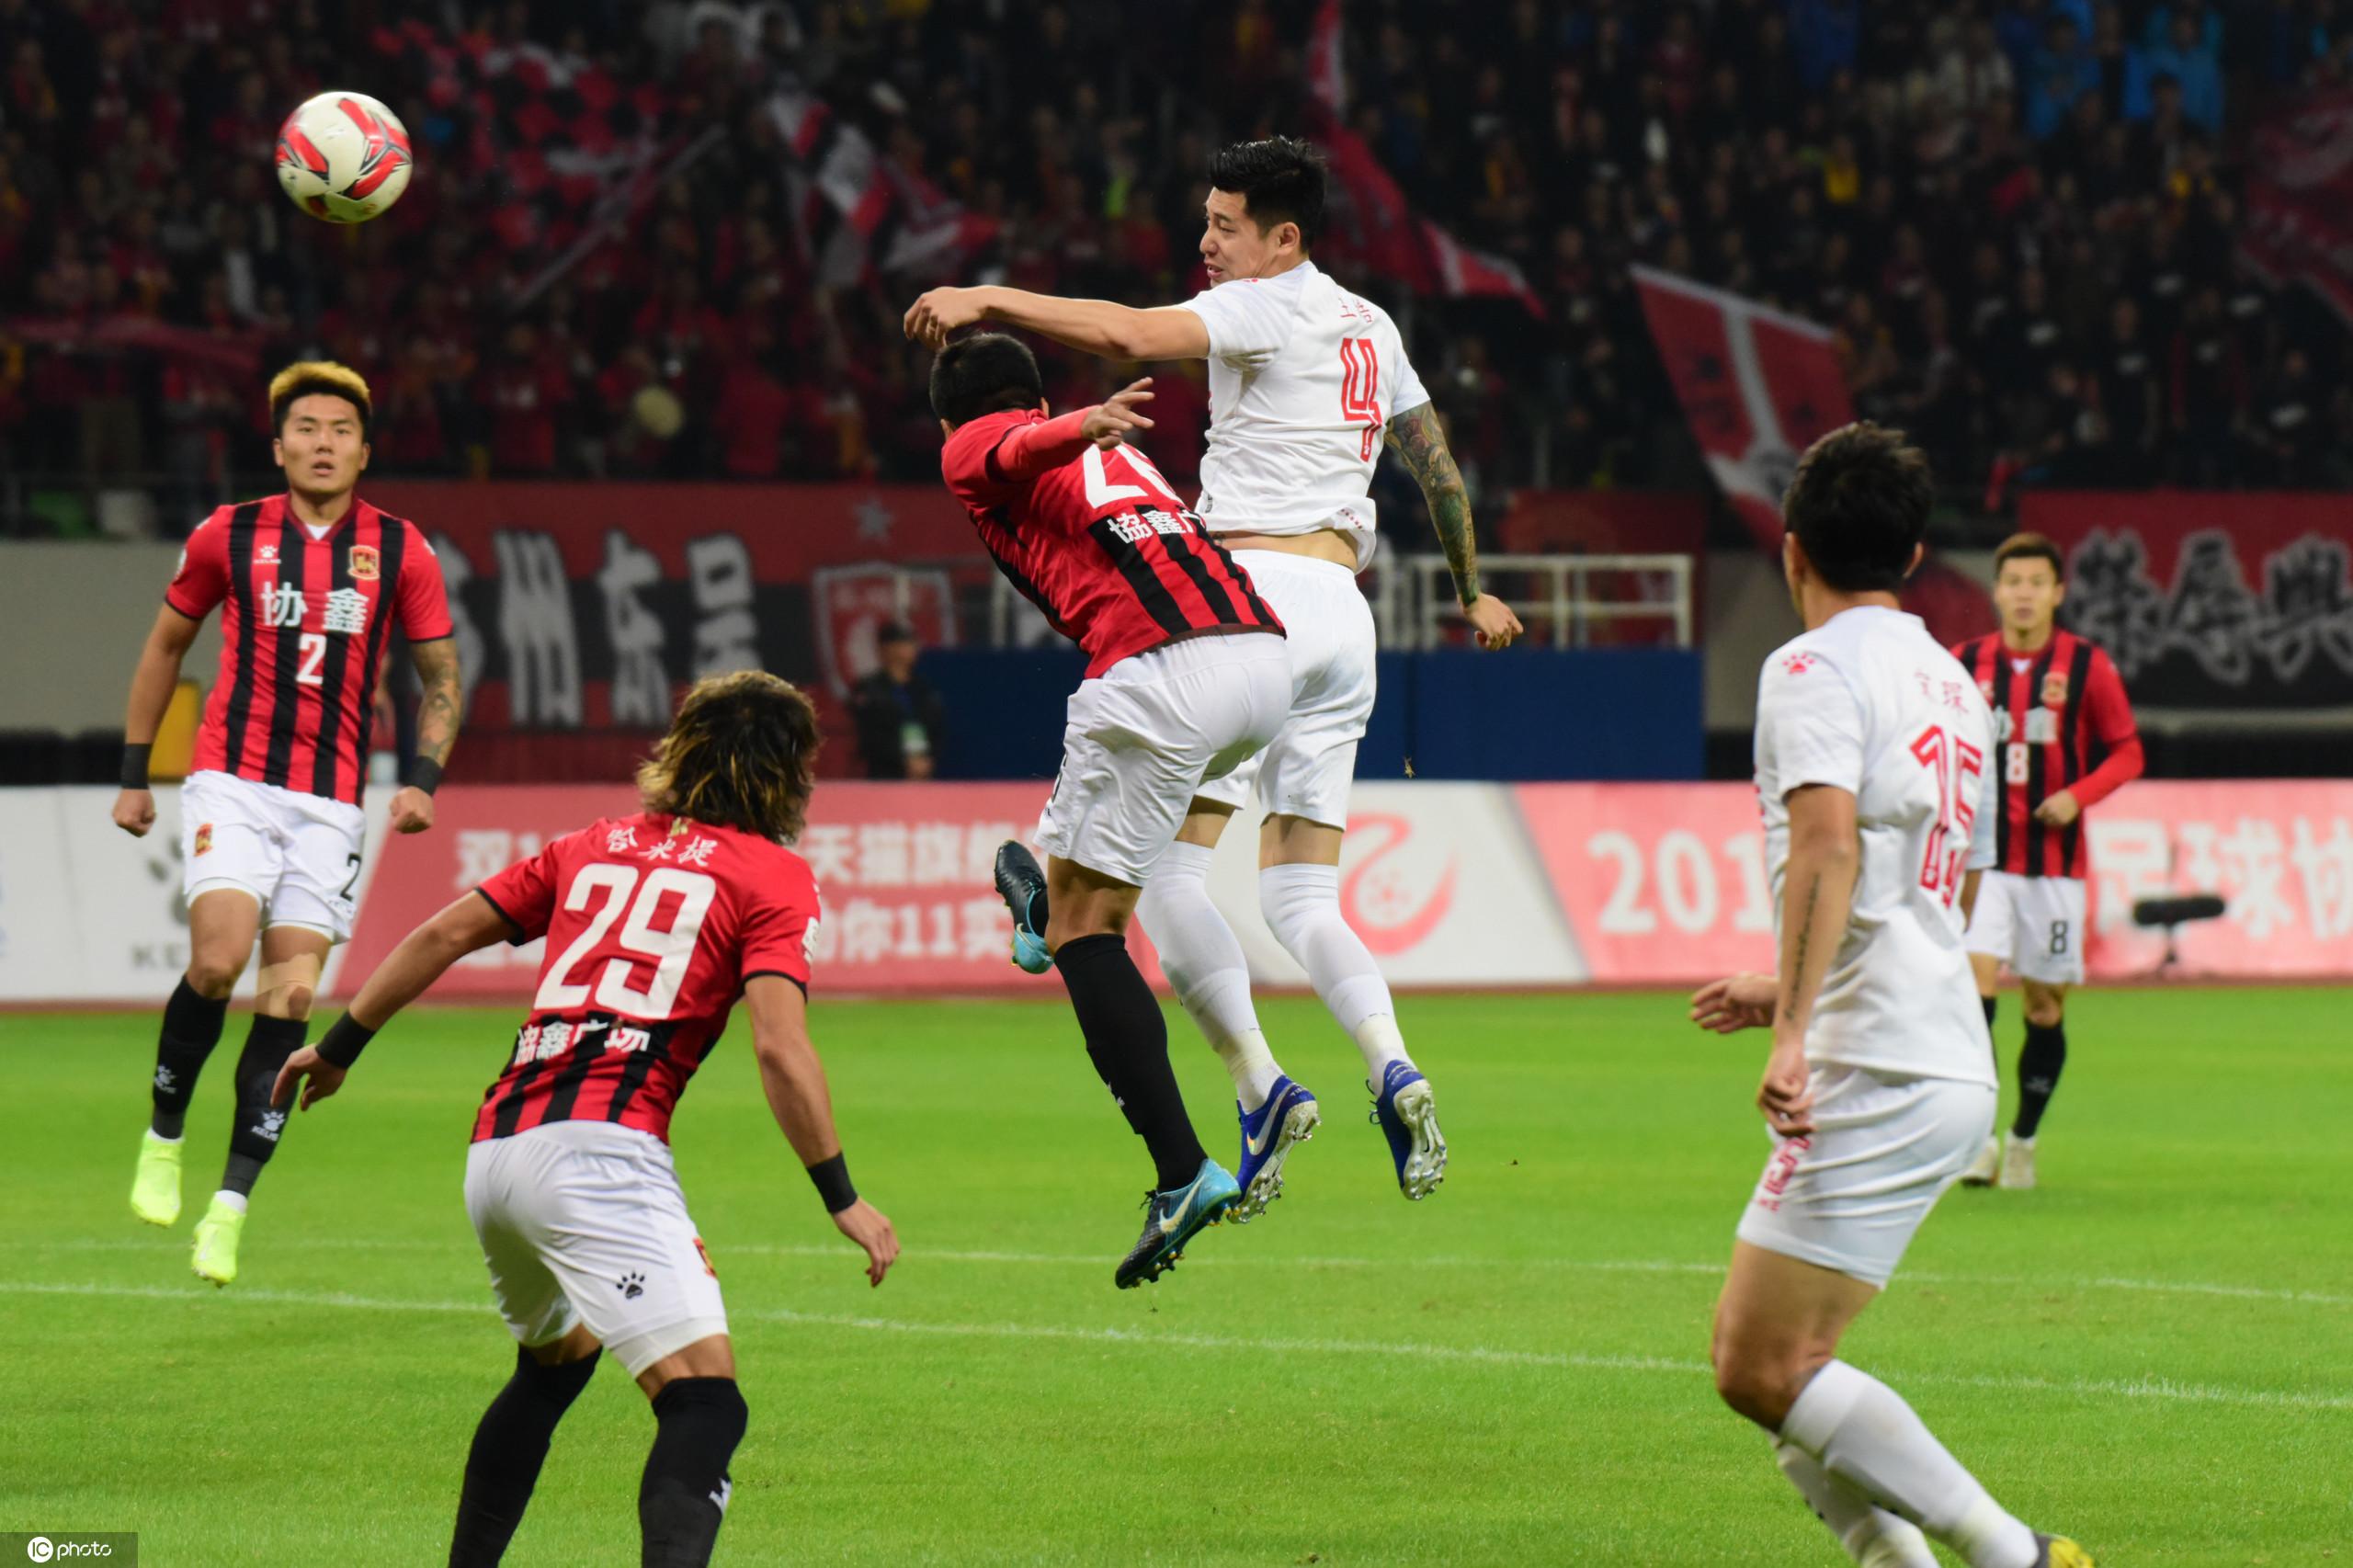 中甲中乙附加赛:辽宁宏运总比分1-1苏州东吴成功保级